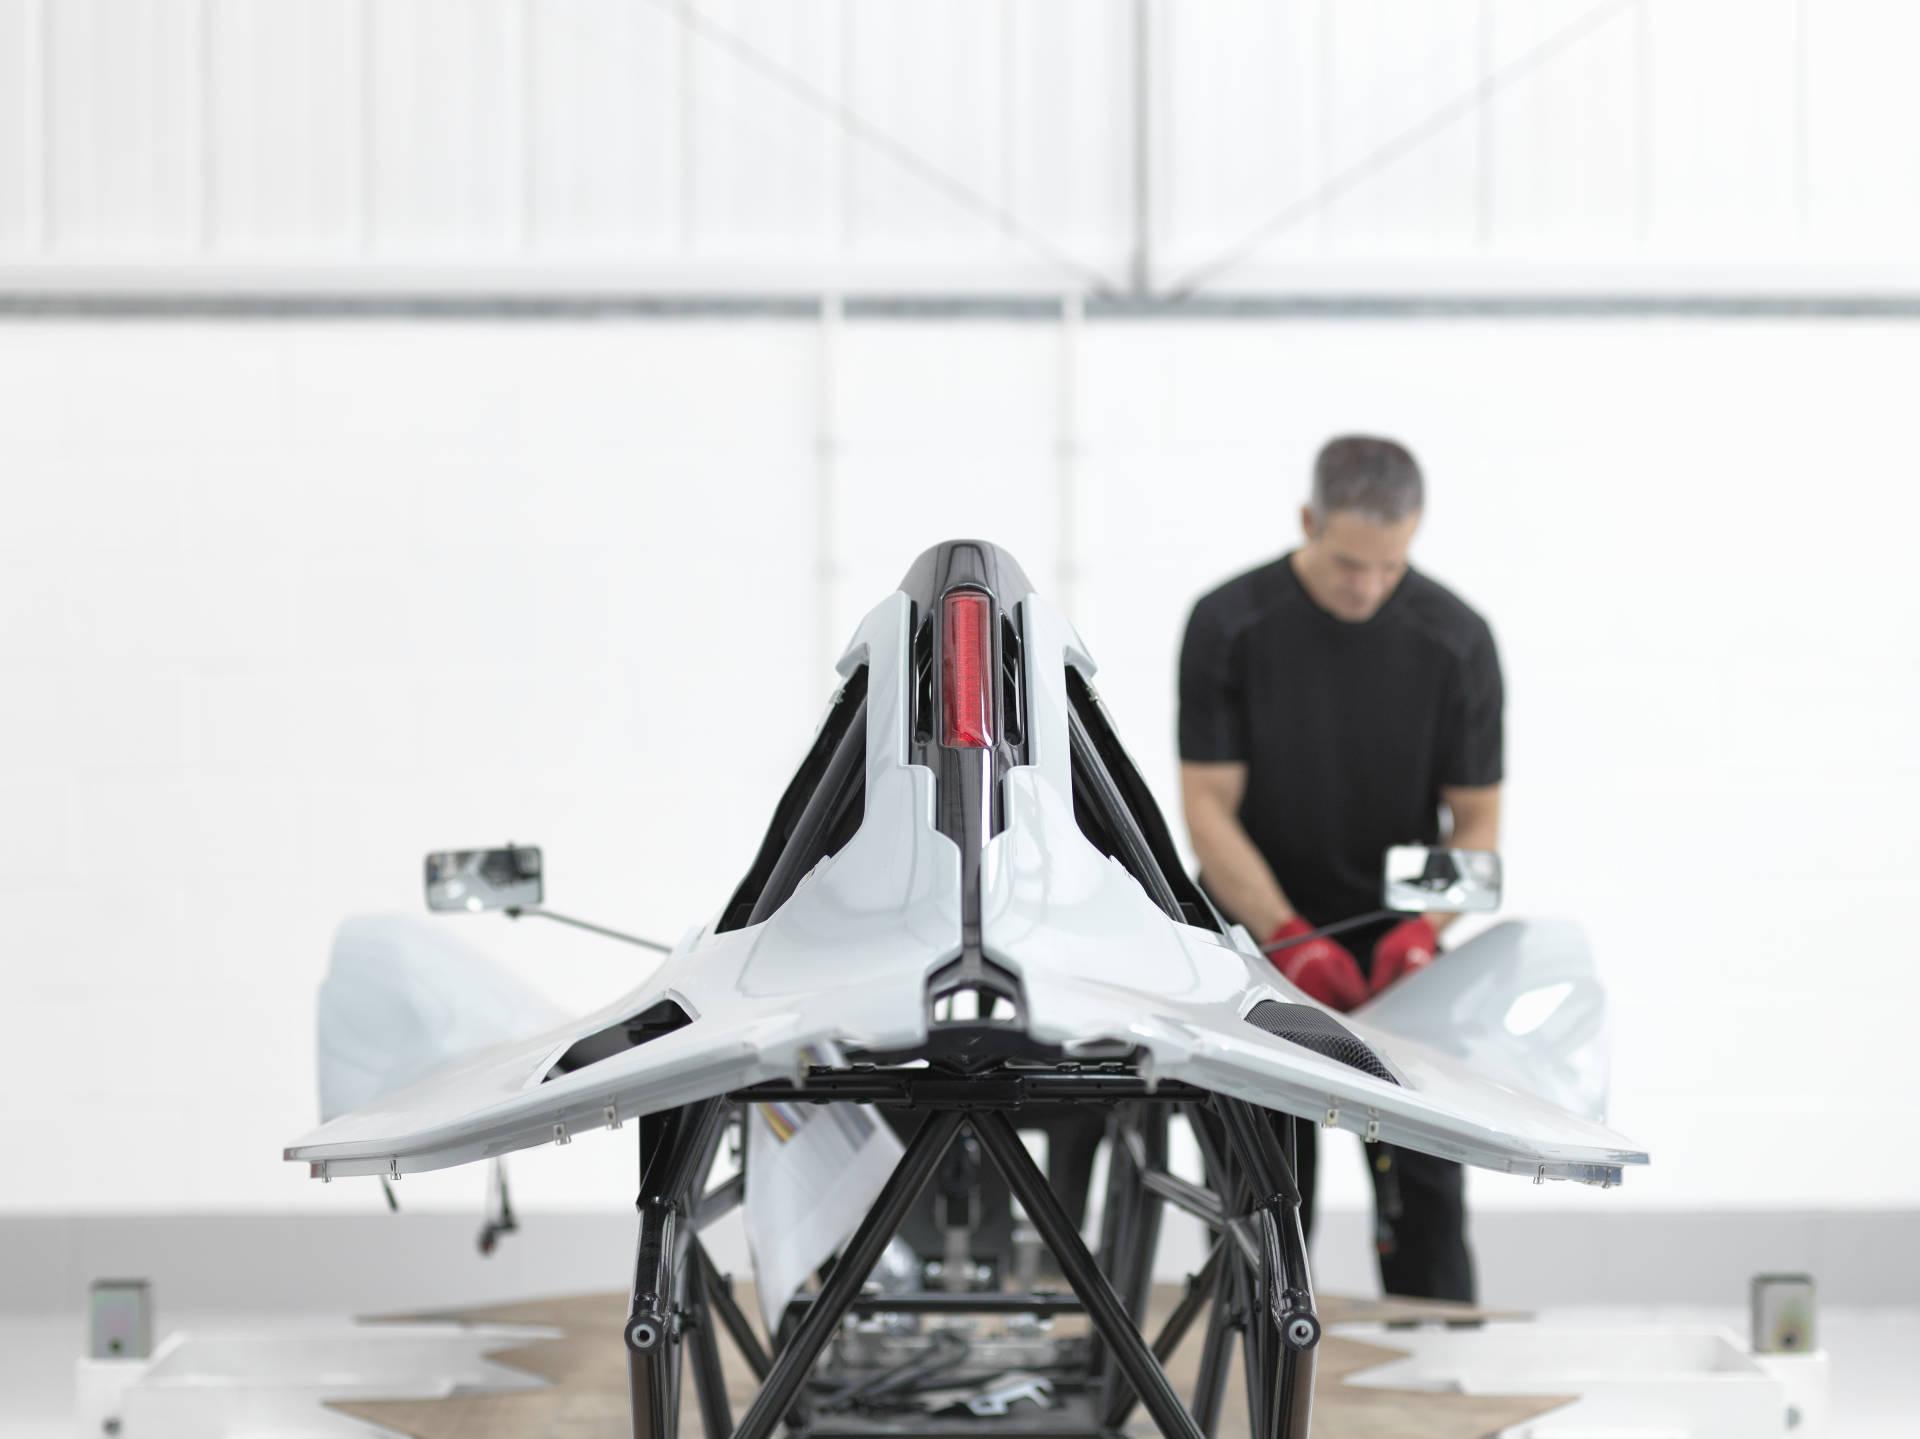 EV manufacturing